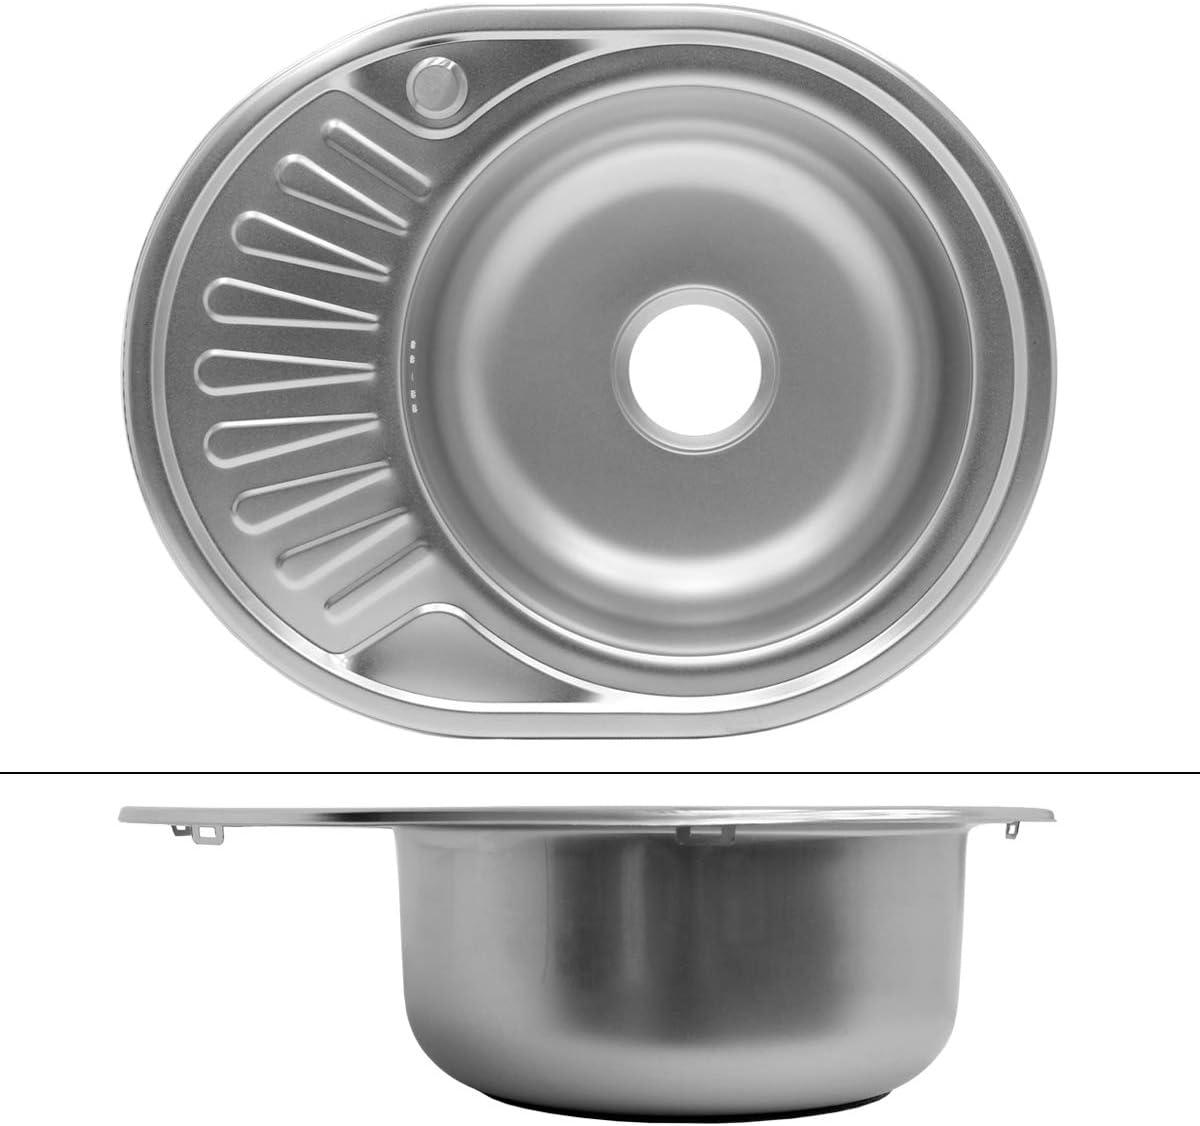 pila lavadero platos manual empotrado con rebosadero ECD Germany Fregadero de cocina 58 x 45 cm /Ø35cm con juego de desag/üe lavabo a la derecha con sif/ón soporte a la izquierda- acero inoxidable